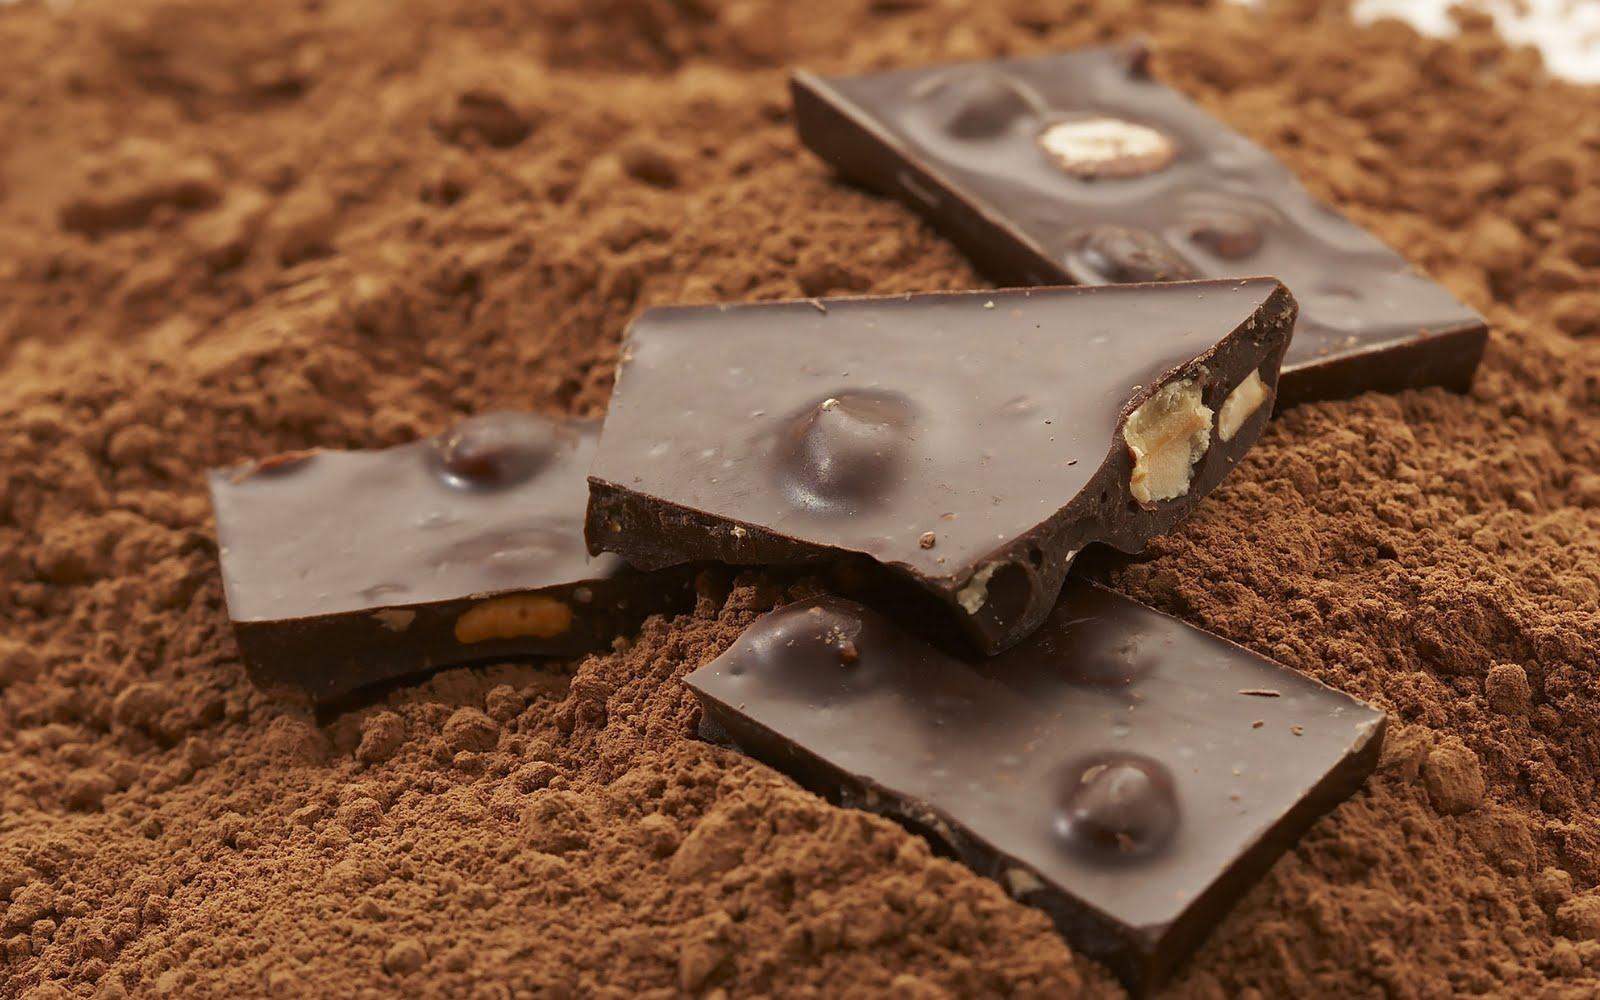 http://1.bp.blogspot.com/-1XUjH8R0hDY/TkGQfbxmIRI/AAAAAAAAKsI/Rt1eSaZ5y0U/s1600/Chocolate+20.jpg